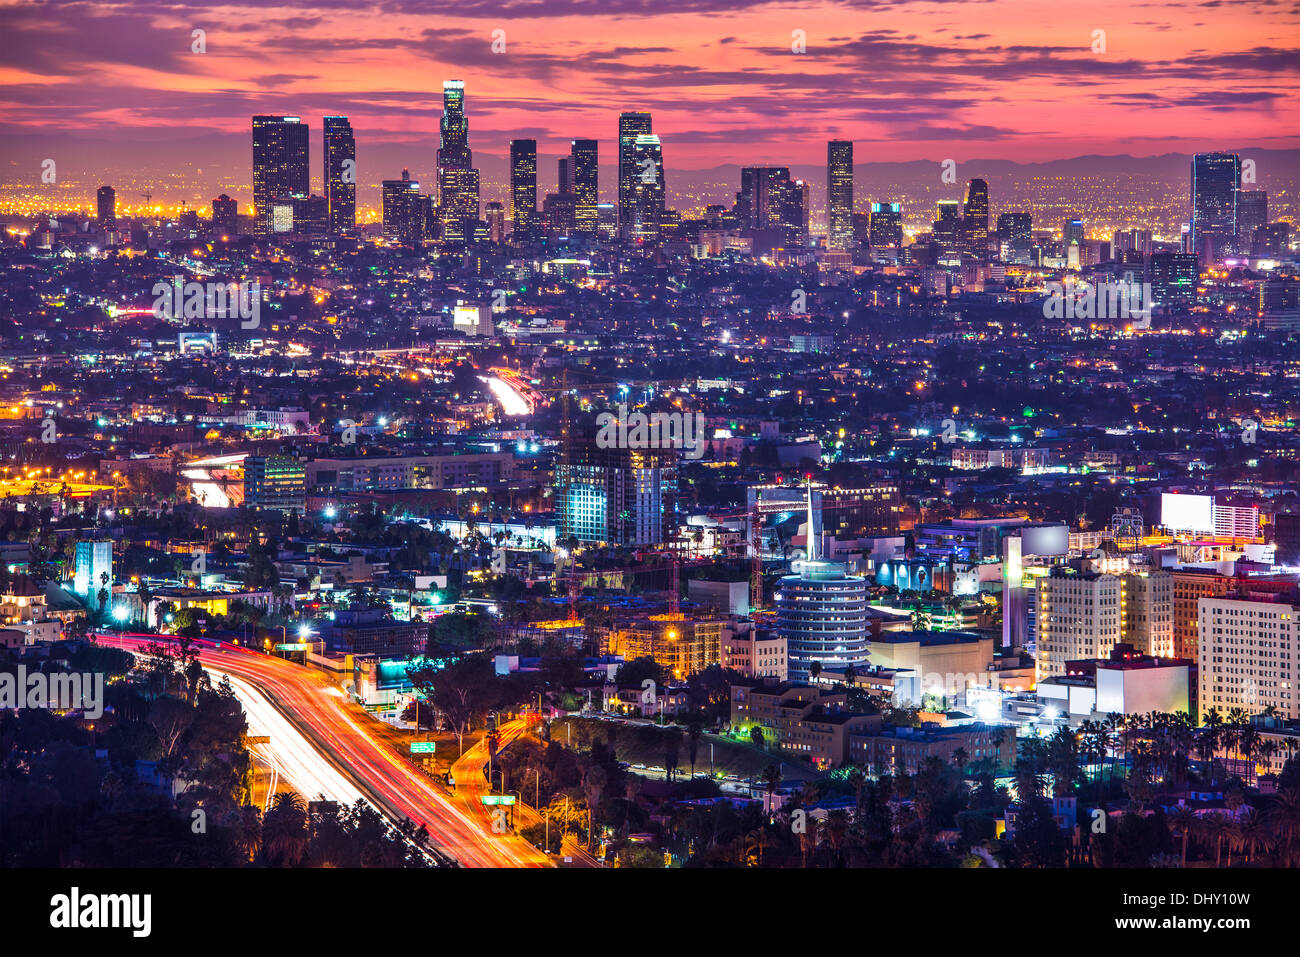 Le centre-ville de Los Angeles, Californie, USA Skyline à l'aube. Photo Stock